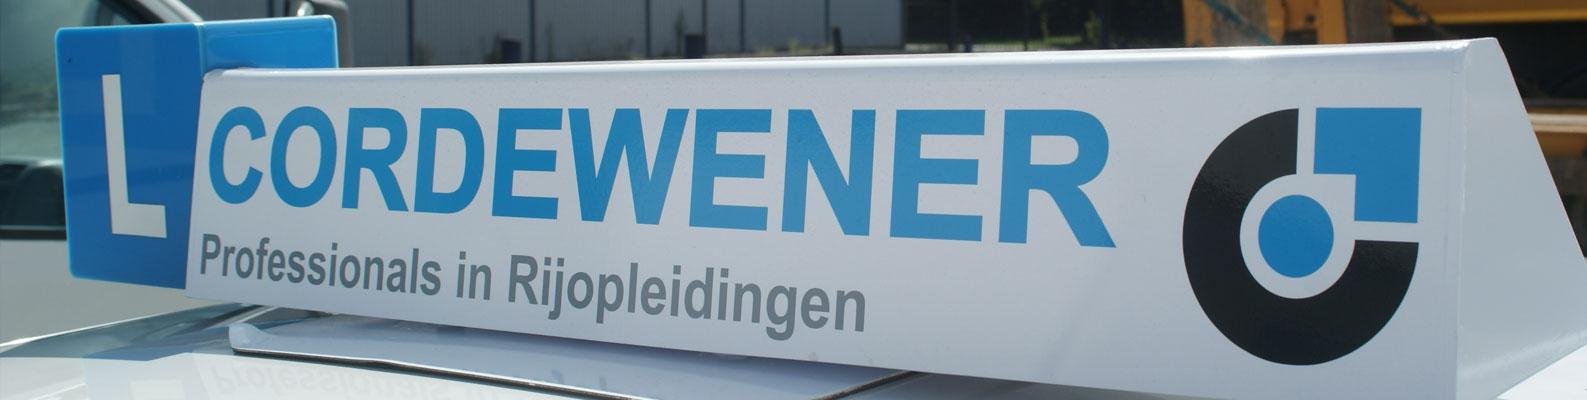 cordewener_slide_2